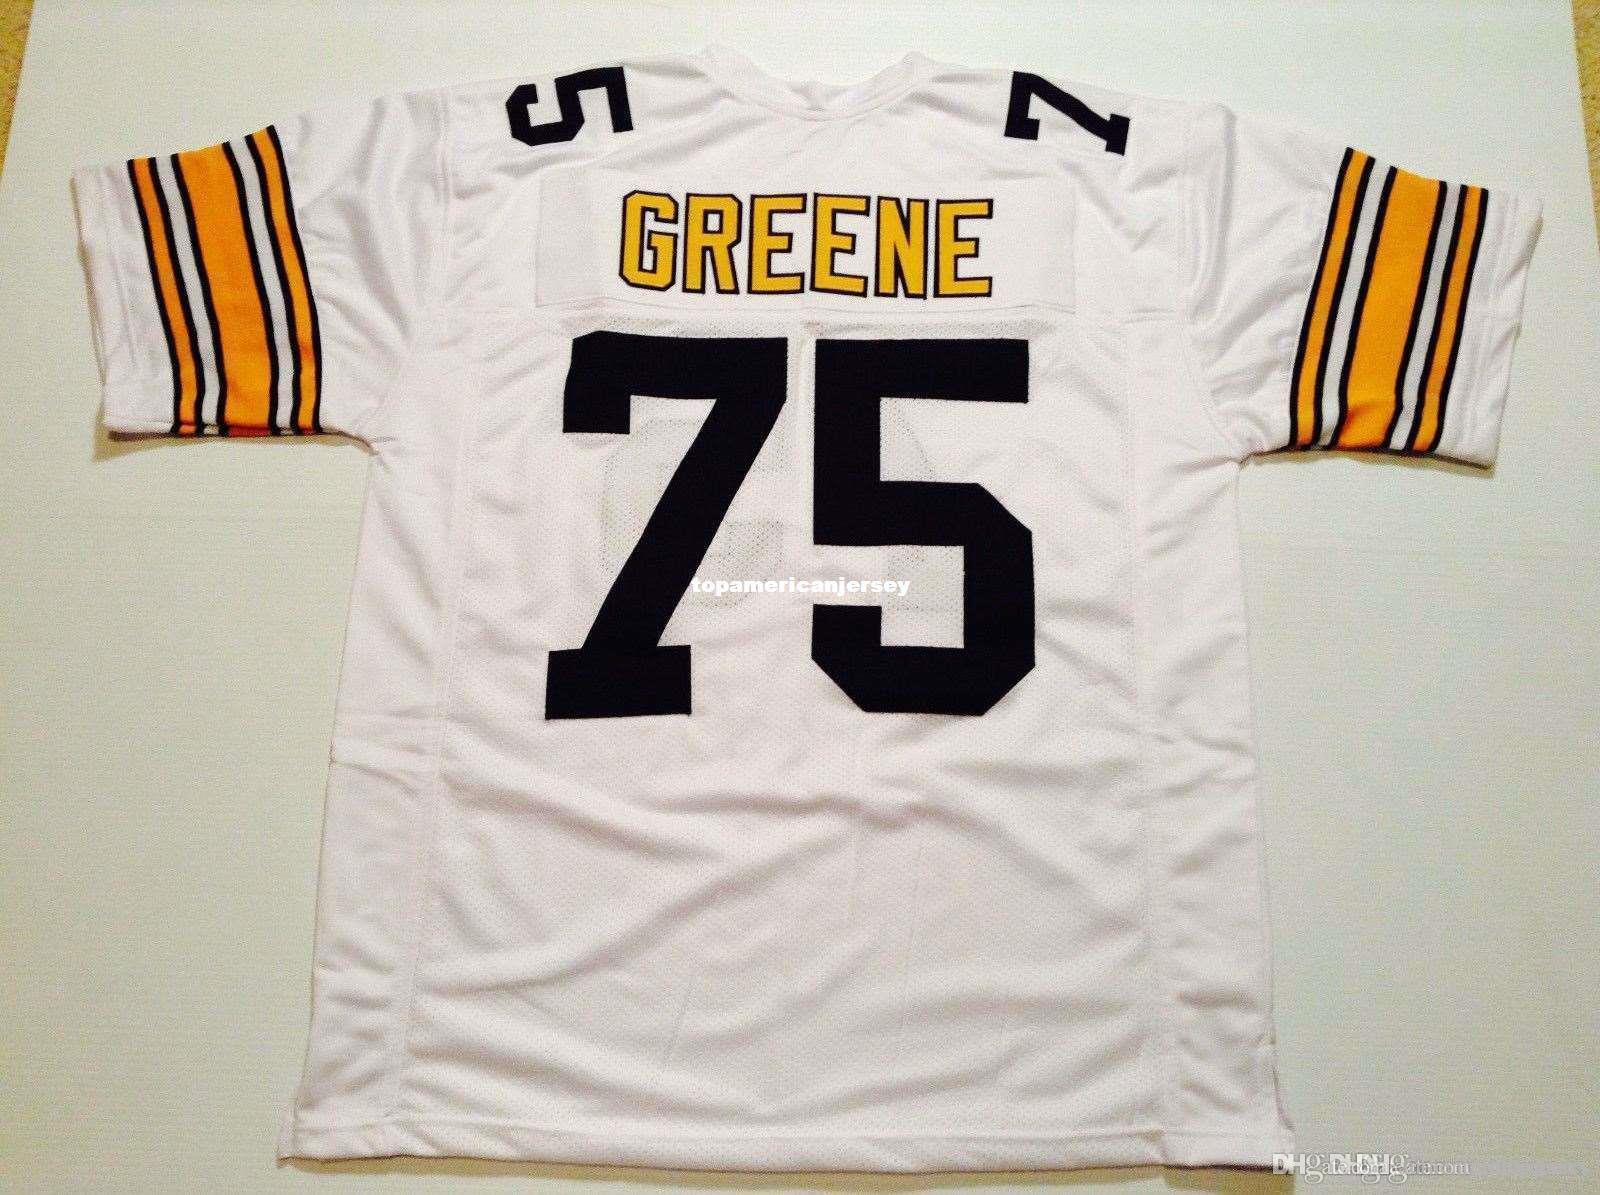 Дешевые ретро пользовательского Шили прошитого # 75 Джо Greene белого MITCHELL НСС Джерси Top S-5XL, 6XL мужского трикотажные изделия футбола регби